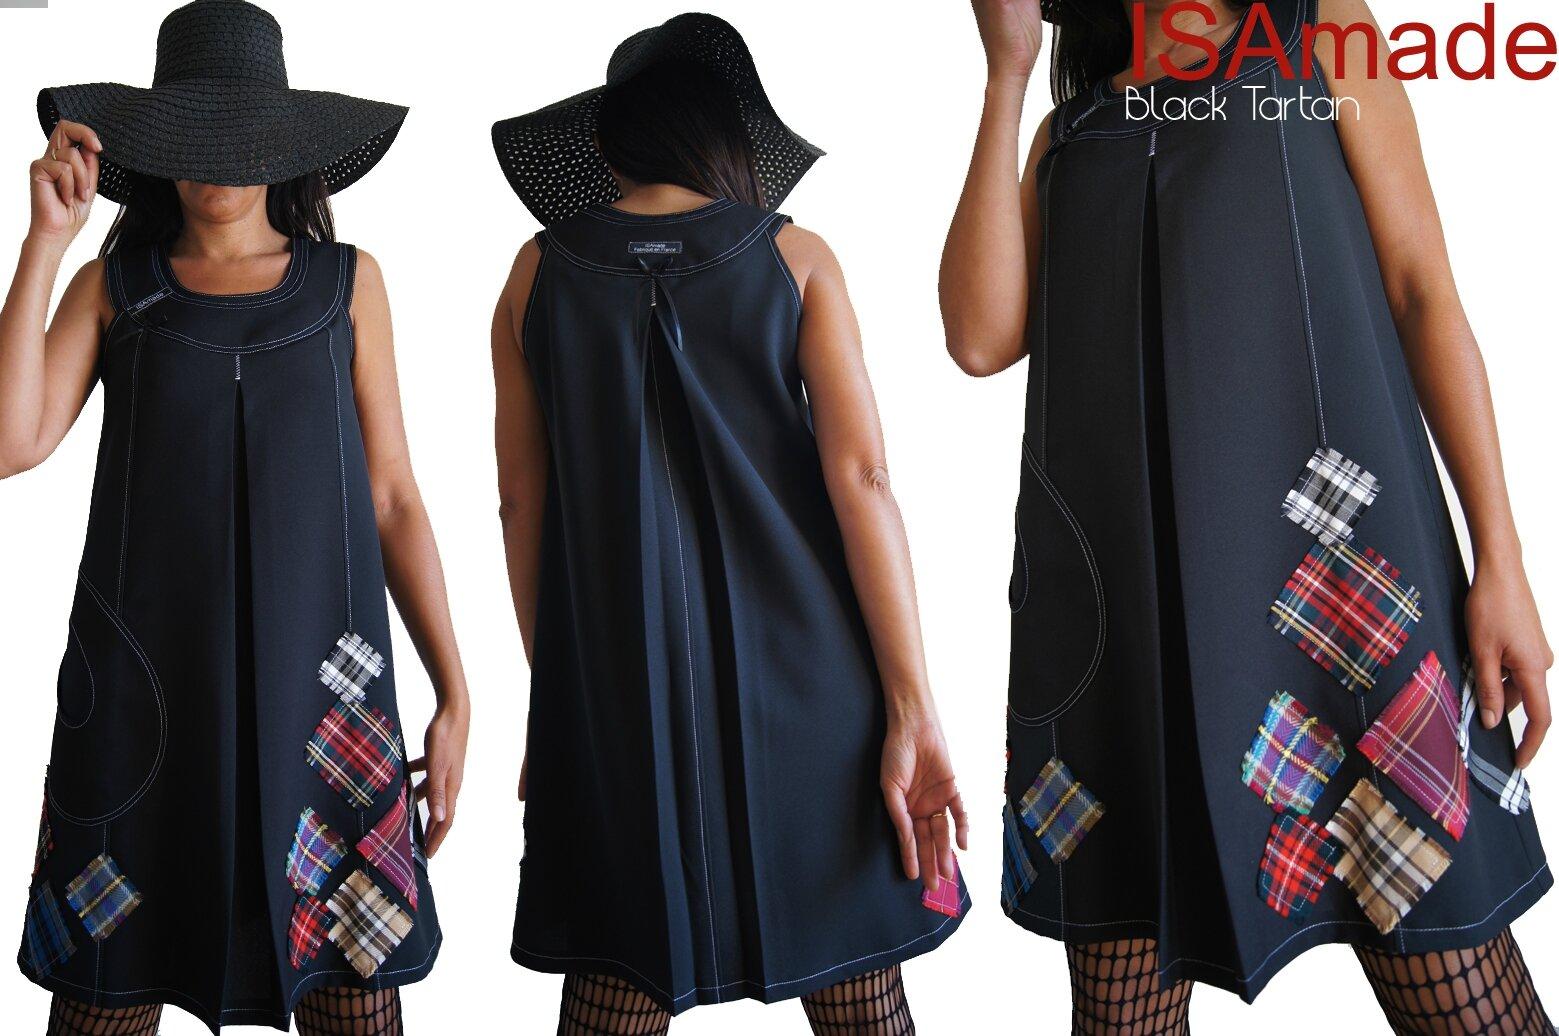 Robe Noire trapèze Noire et applications de Tartan écossais carreaux frangés colorés Coupe Sixties